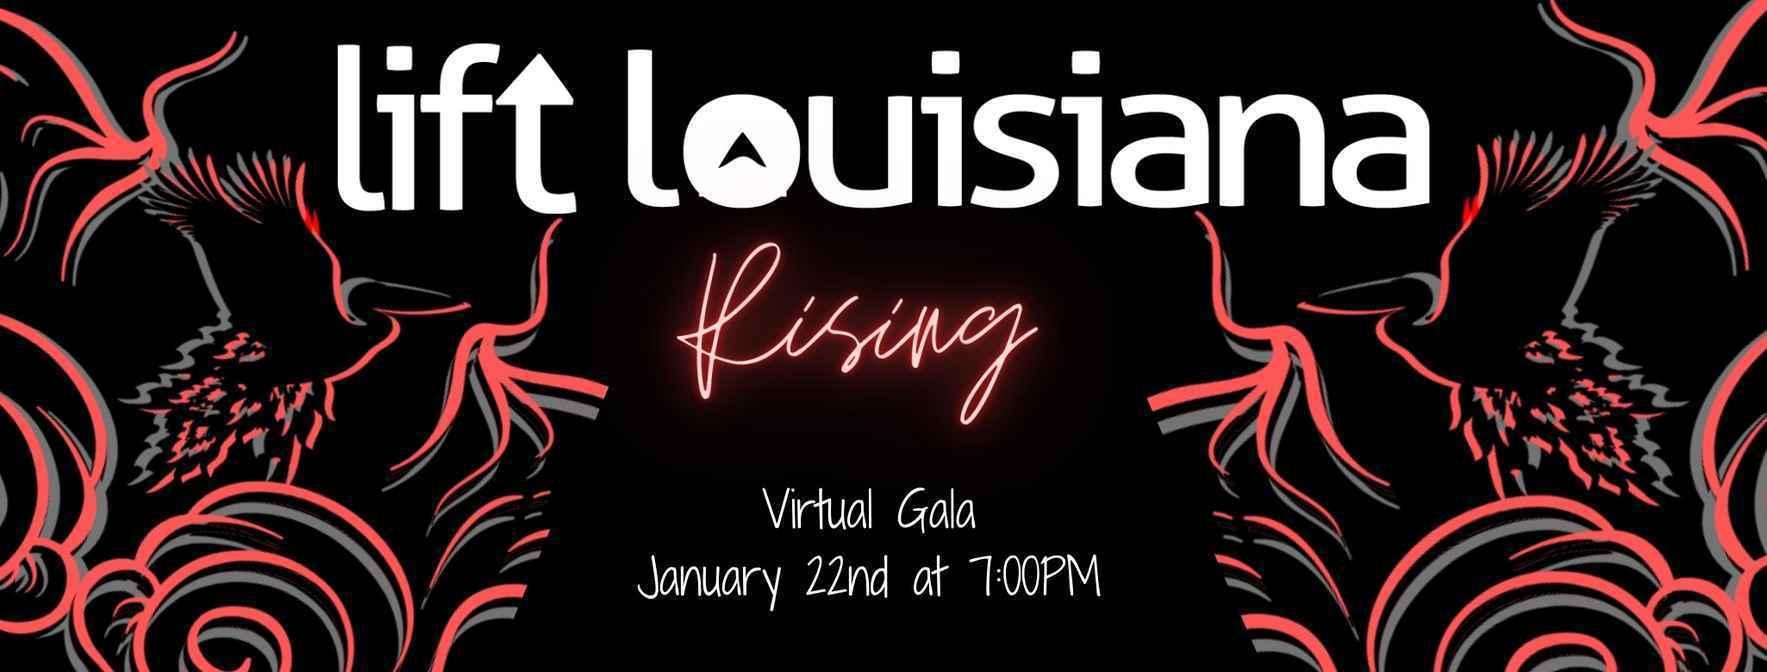 I want to sponsor Lift Louisiana's fundraiser: Rising! image